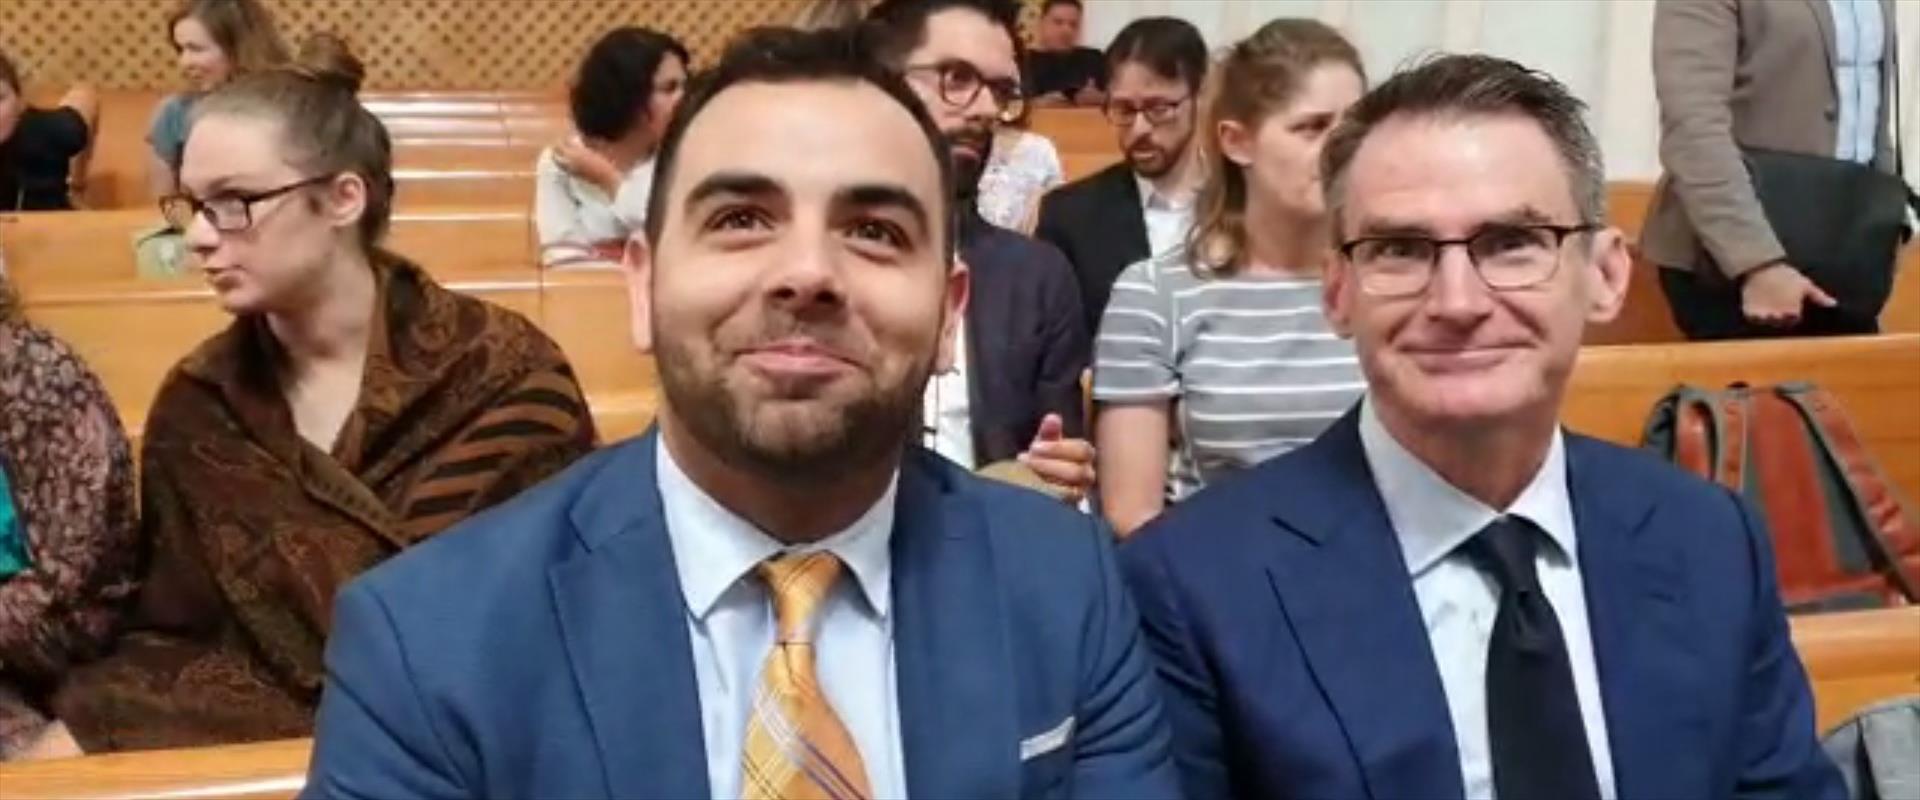 עומר שאקיר בבית המשפט העליון, היום